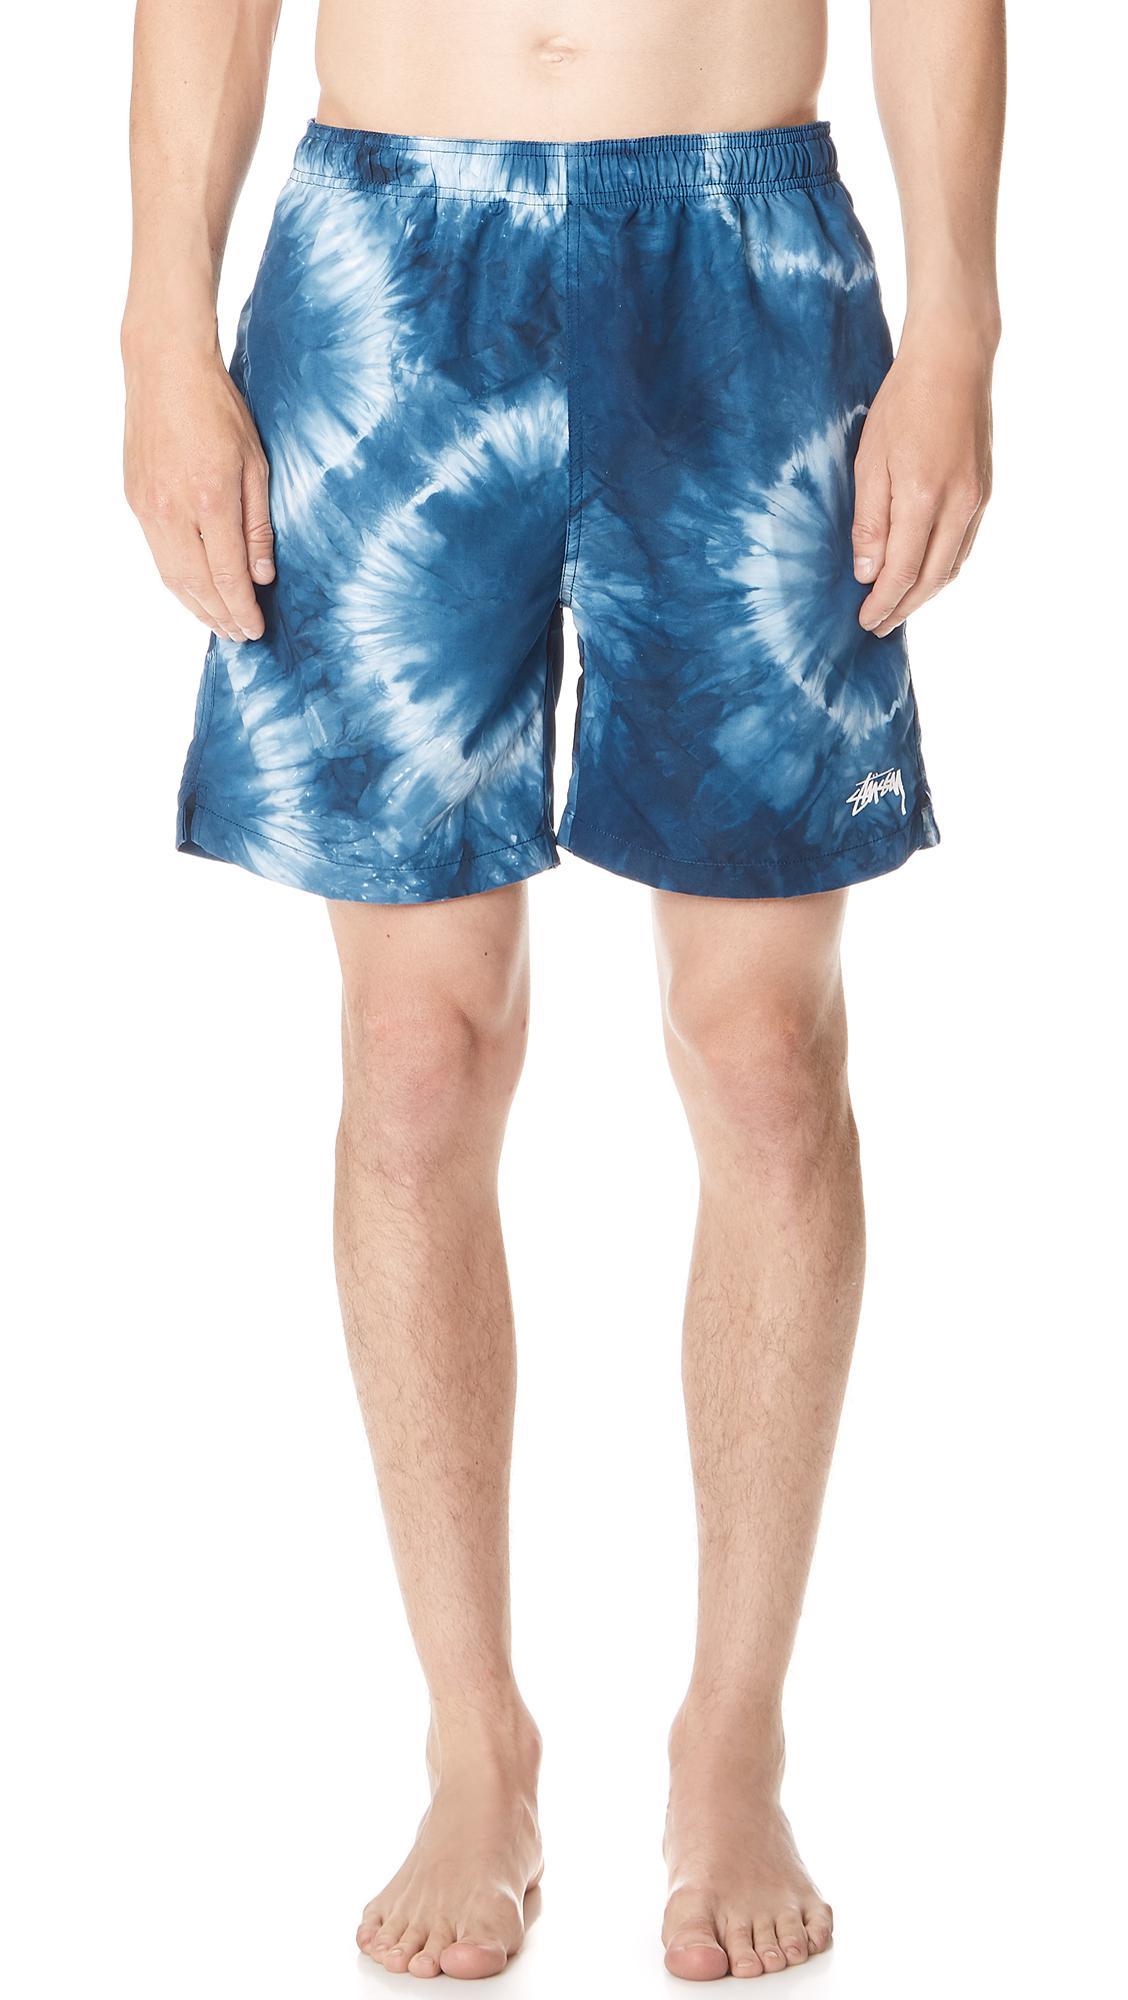 3879e86f017a8 Lyst - Stussy Tie Dye Swim Trunks in Blue for Men